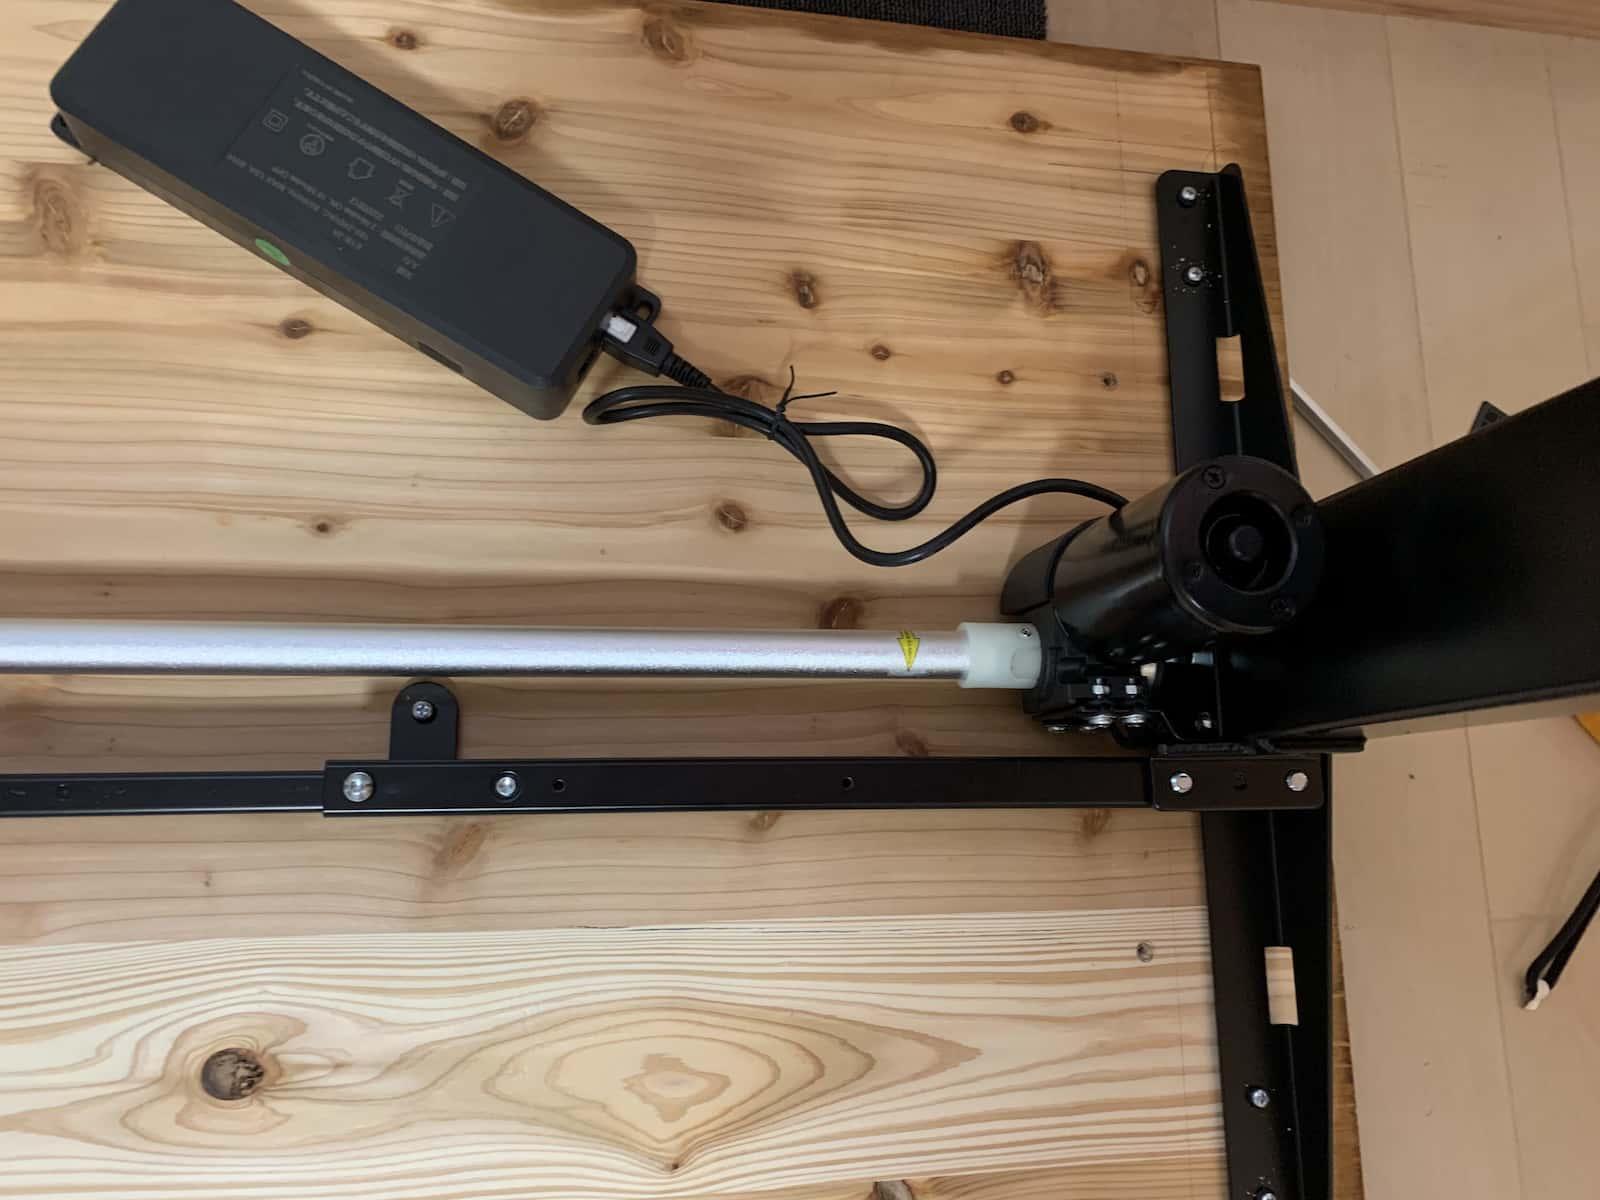 flexispot(フレキシスポット)のシャフトの取り付けモーター側